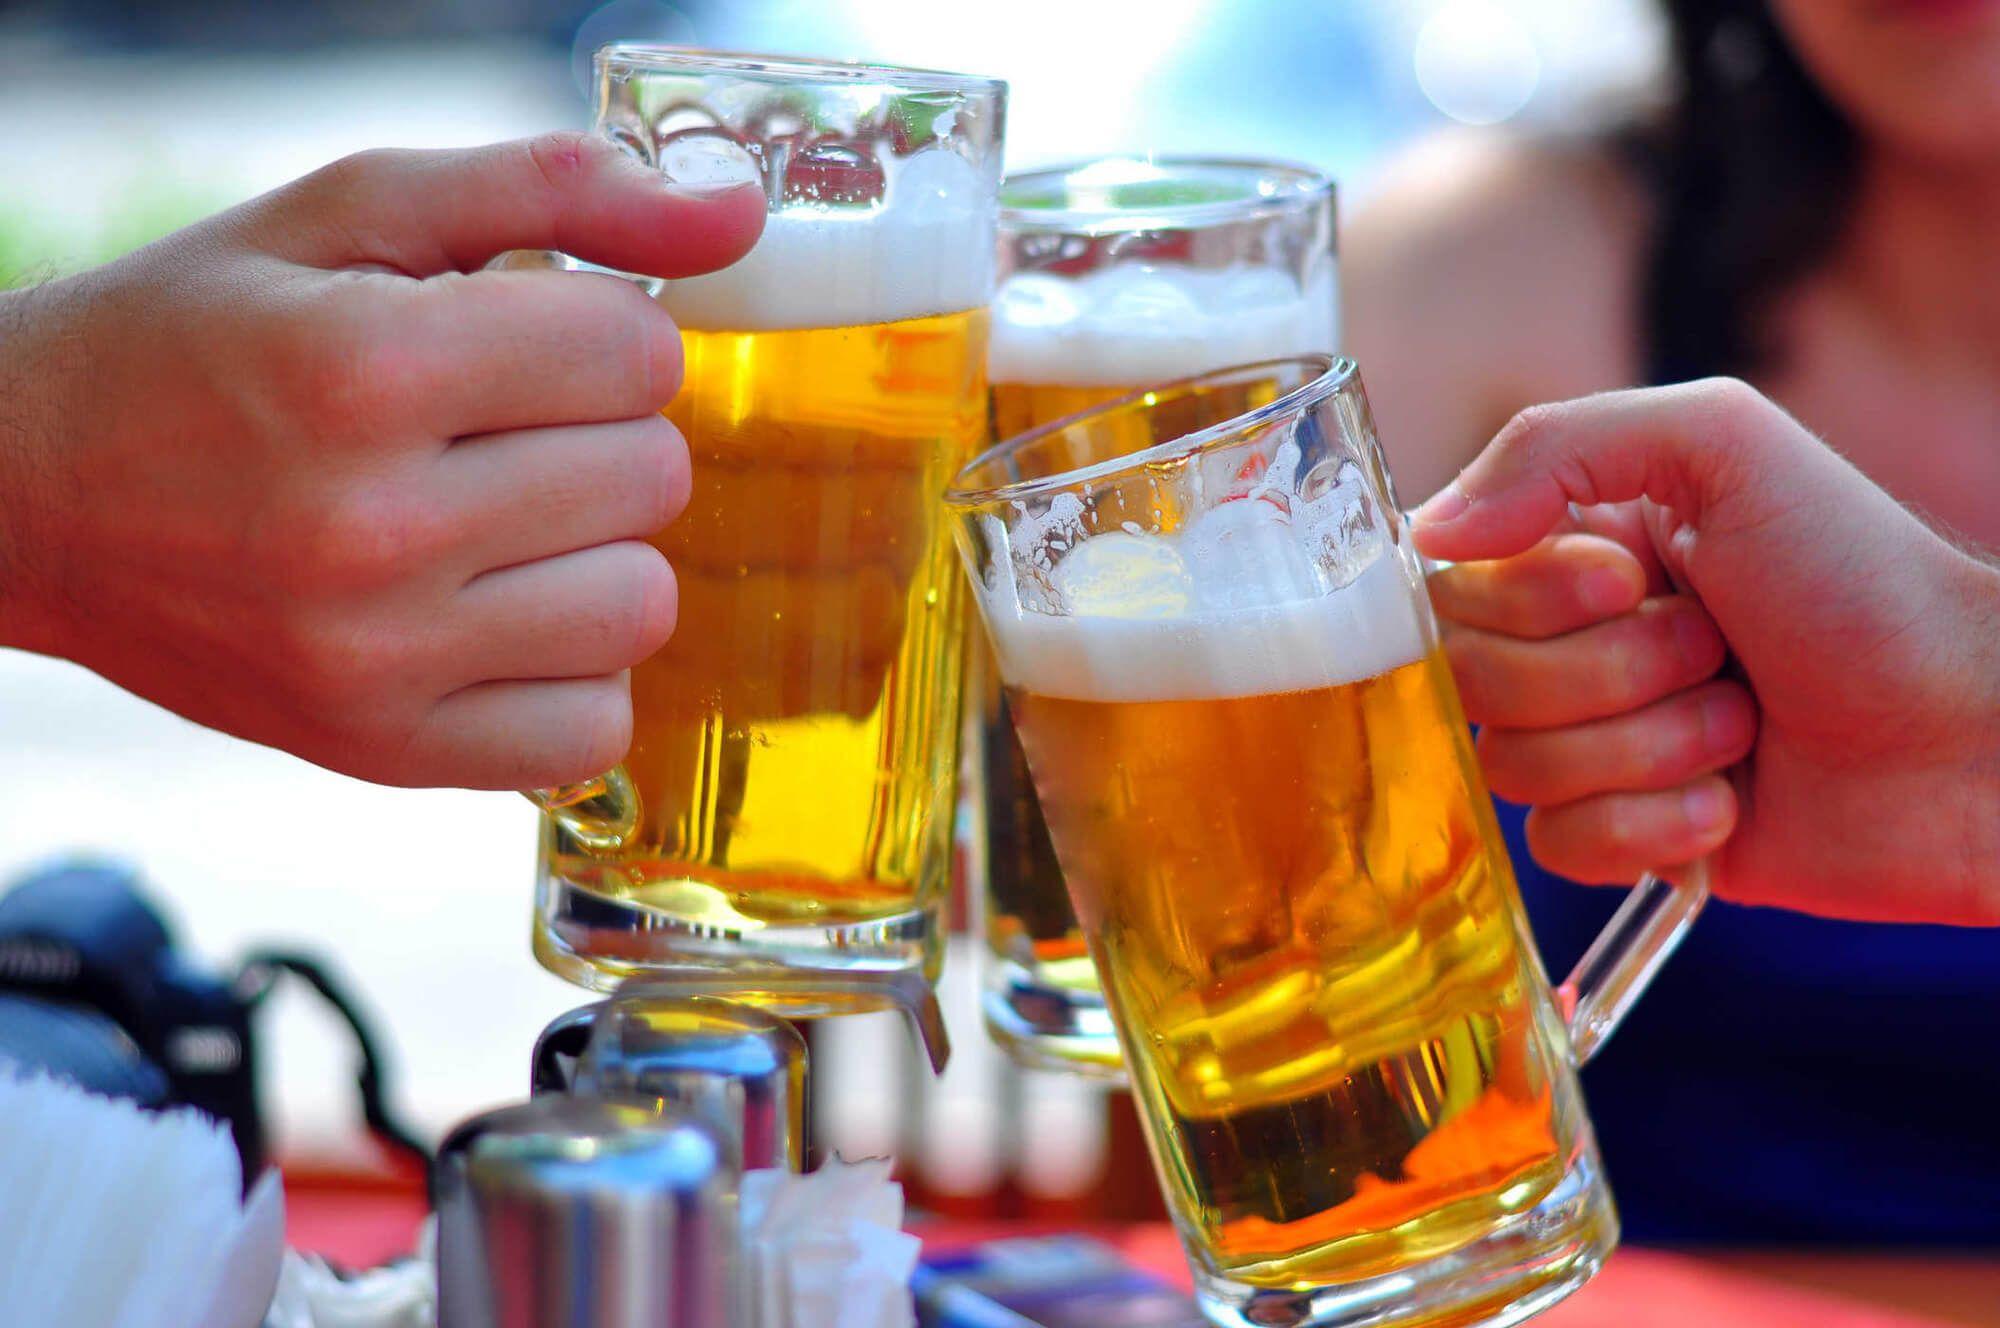 Hạn chế rượu, bia là một trong những biện pháp phòng ngừa ung thư gan